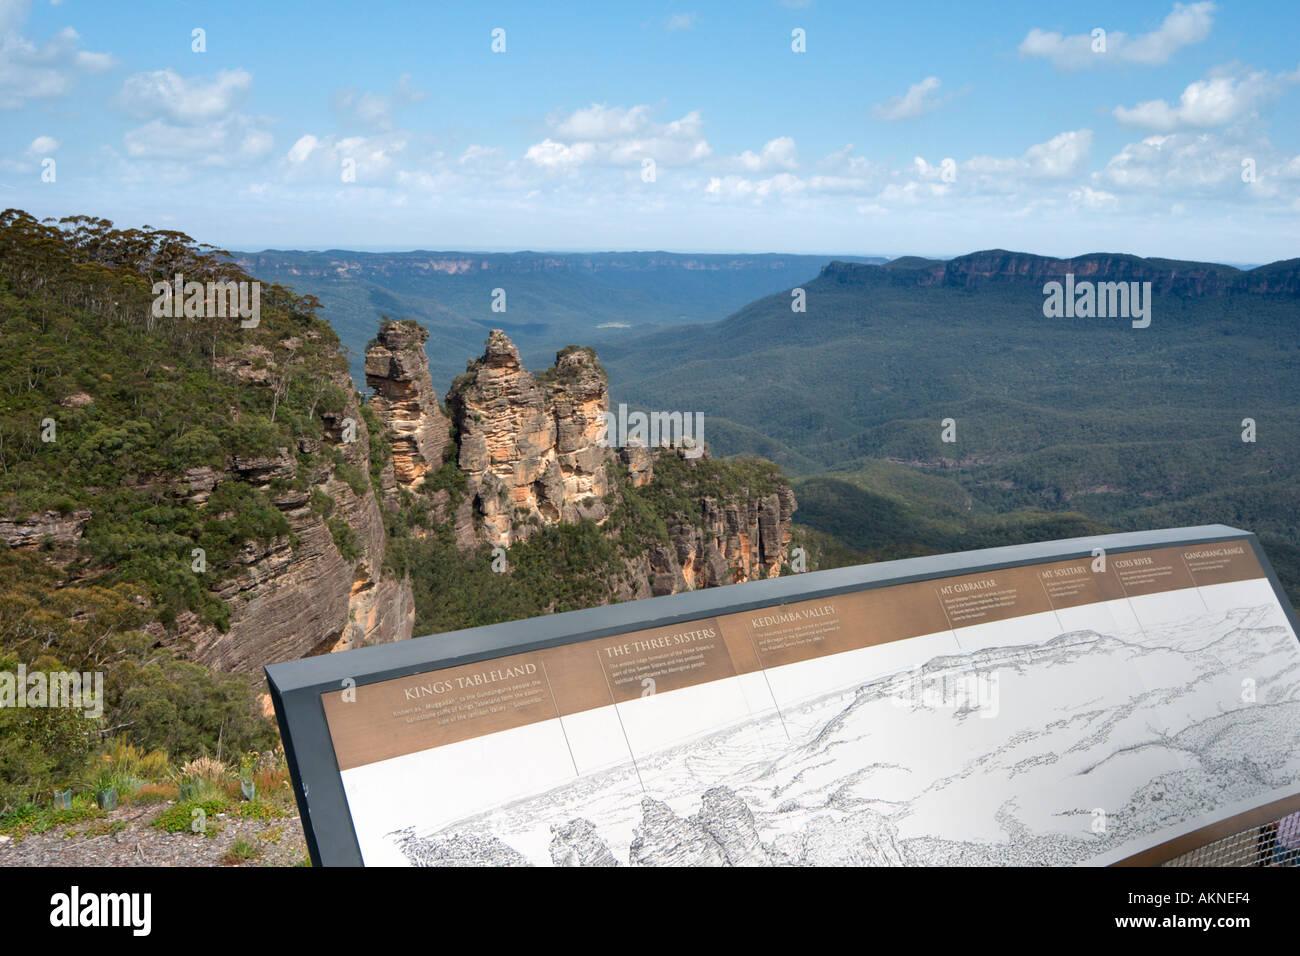 Las tres hermanas y el monte a Gibraltar de Echo Point, Blue Mountains, en New South Wales, Australia Imagen De Stock